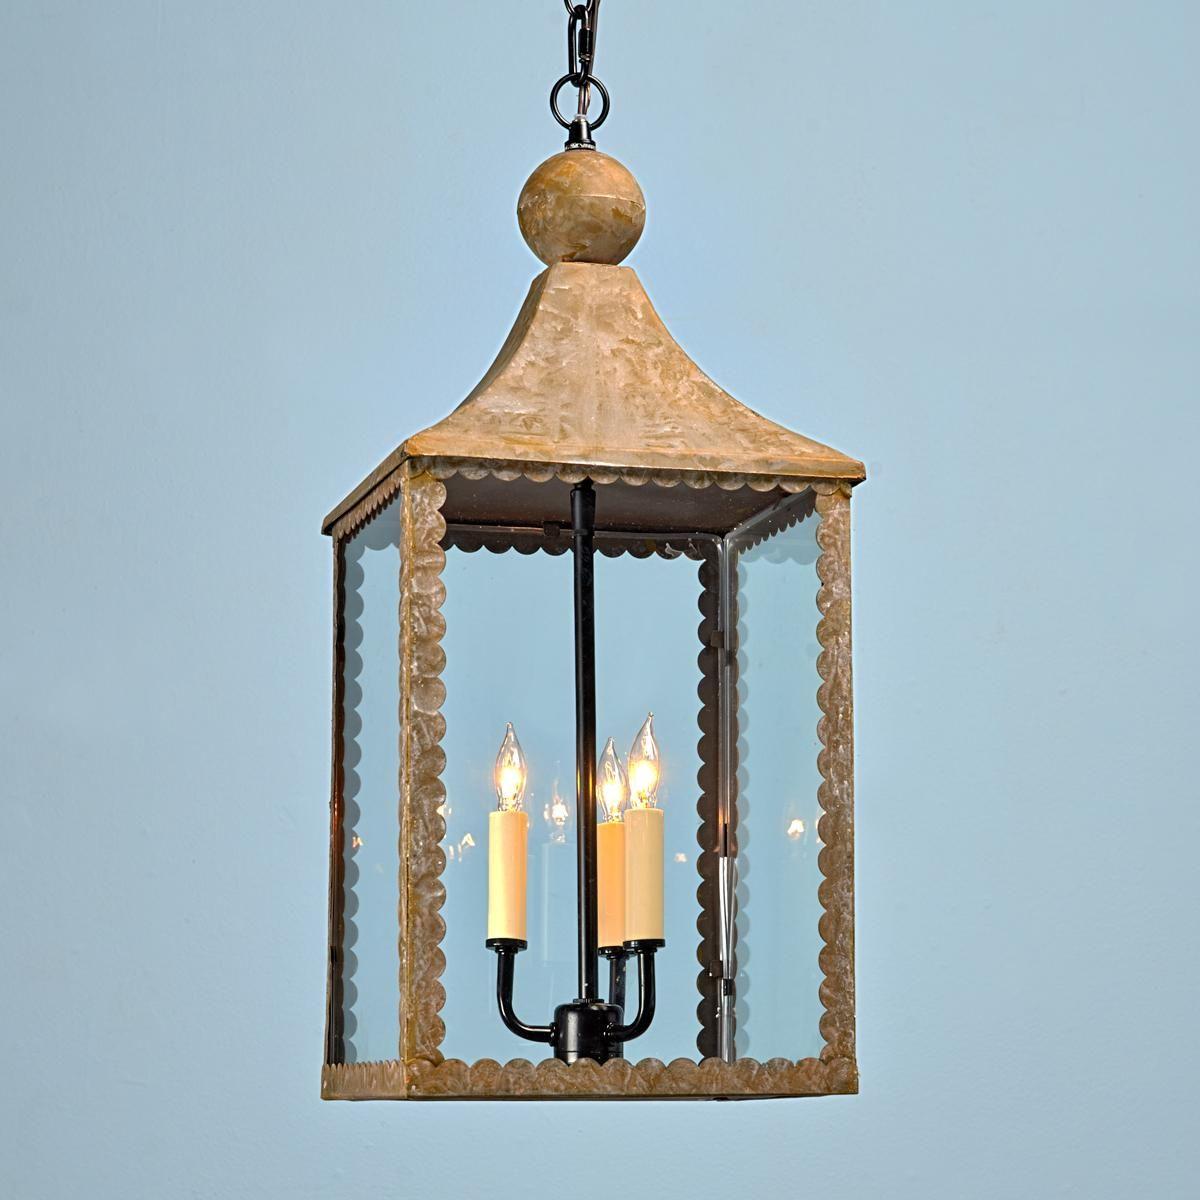 Scallop Trim Hanging Lantern Hanging Lanterns Hanging Light Fixtures Hanging Lights